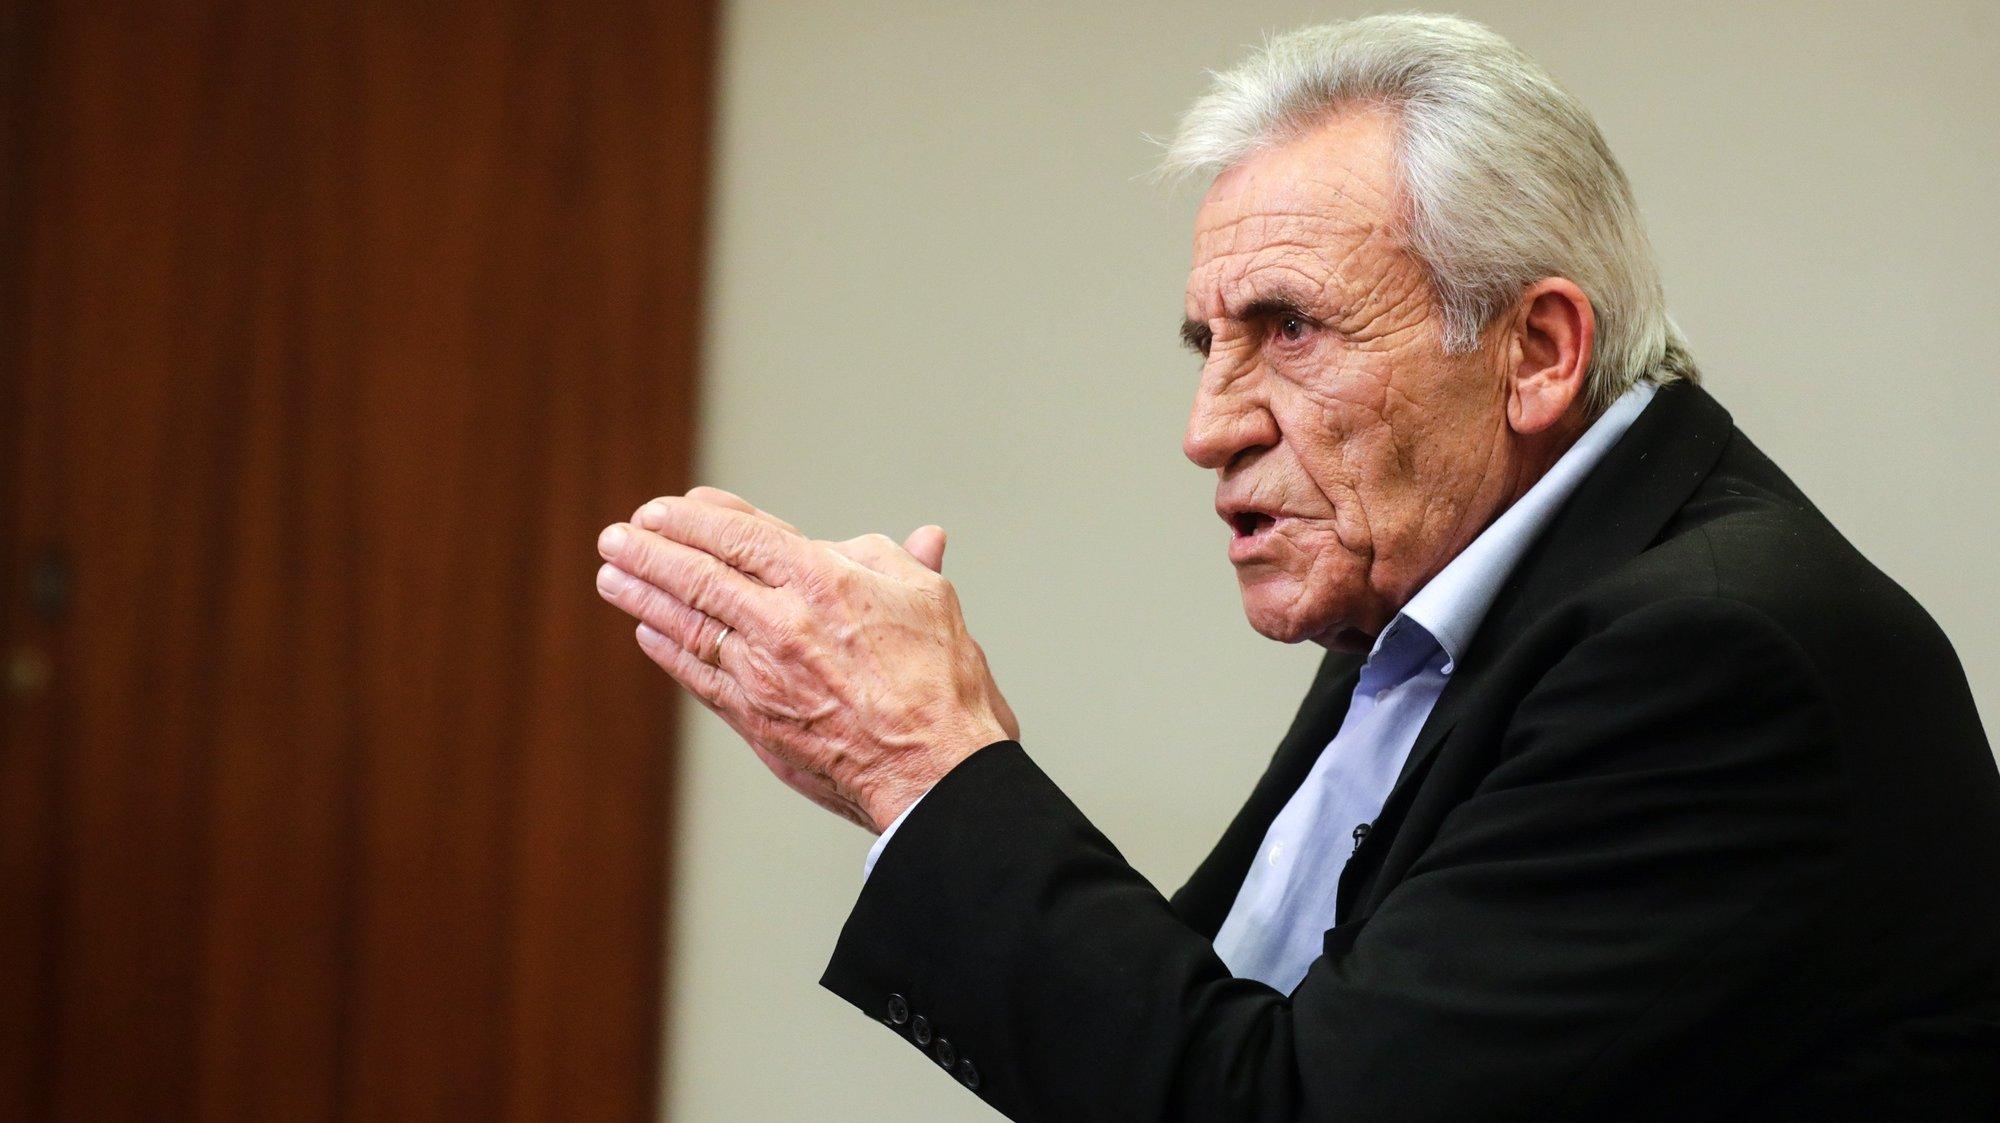 O secretário-geral do Partido Comunista Português (PCP), Jerónimo de Sousa, fala em entrevista à agência Lusa na sede do partido em Lisboa, 19 de novembro de 2020. (ACOMPANHA TEXTO DA LUSA DO DIA 22 DE NOVEMBRO DE 2020). TIAGO PETINGA/LUSA